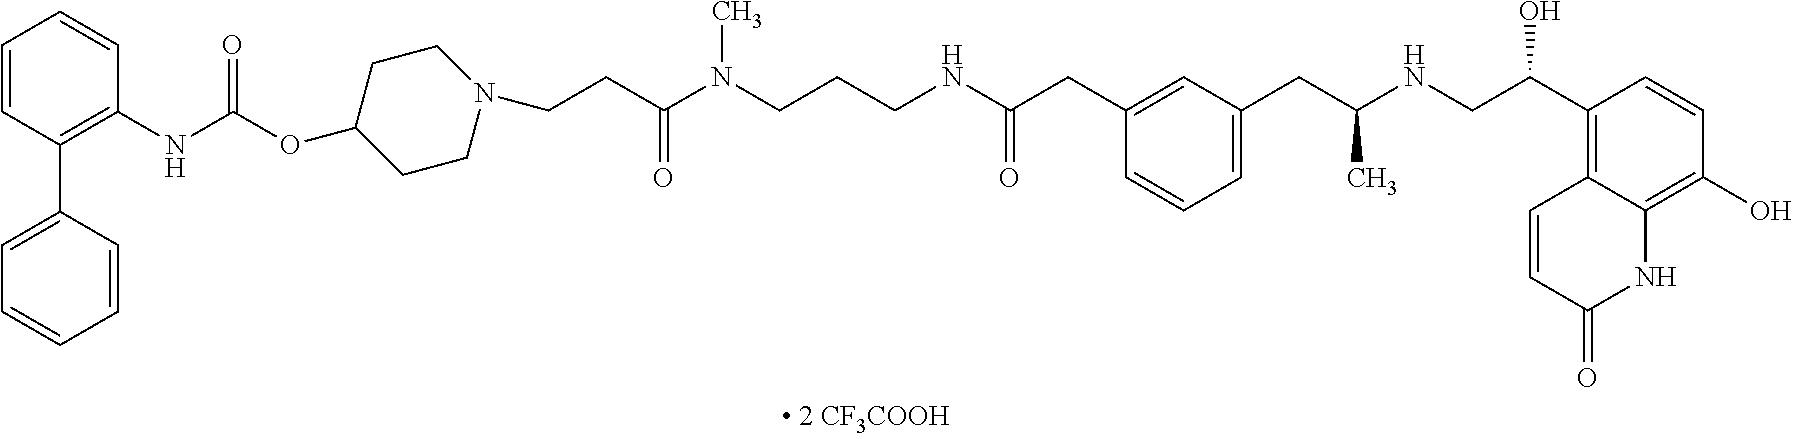 Figure US10138220-20181127-C00258